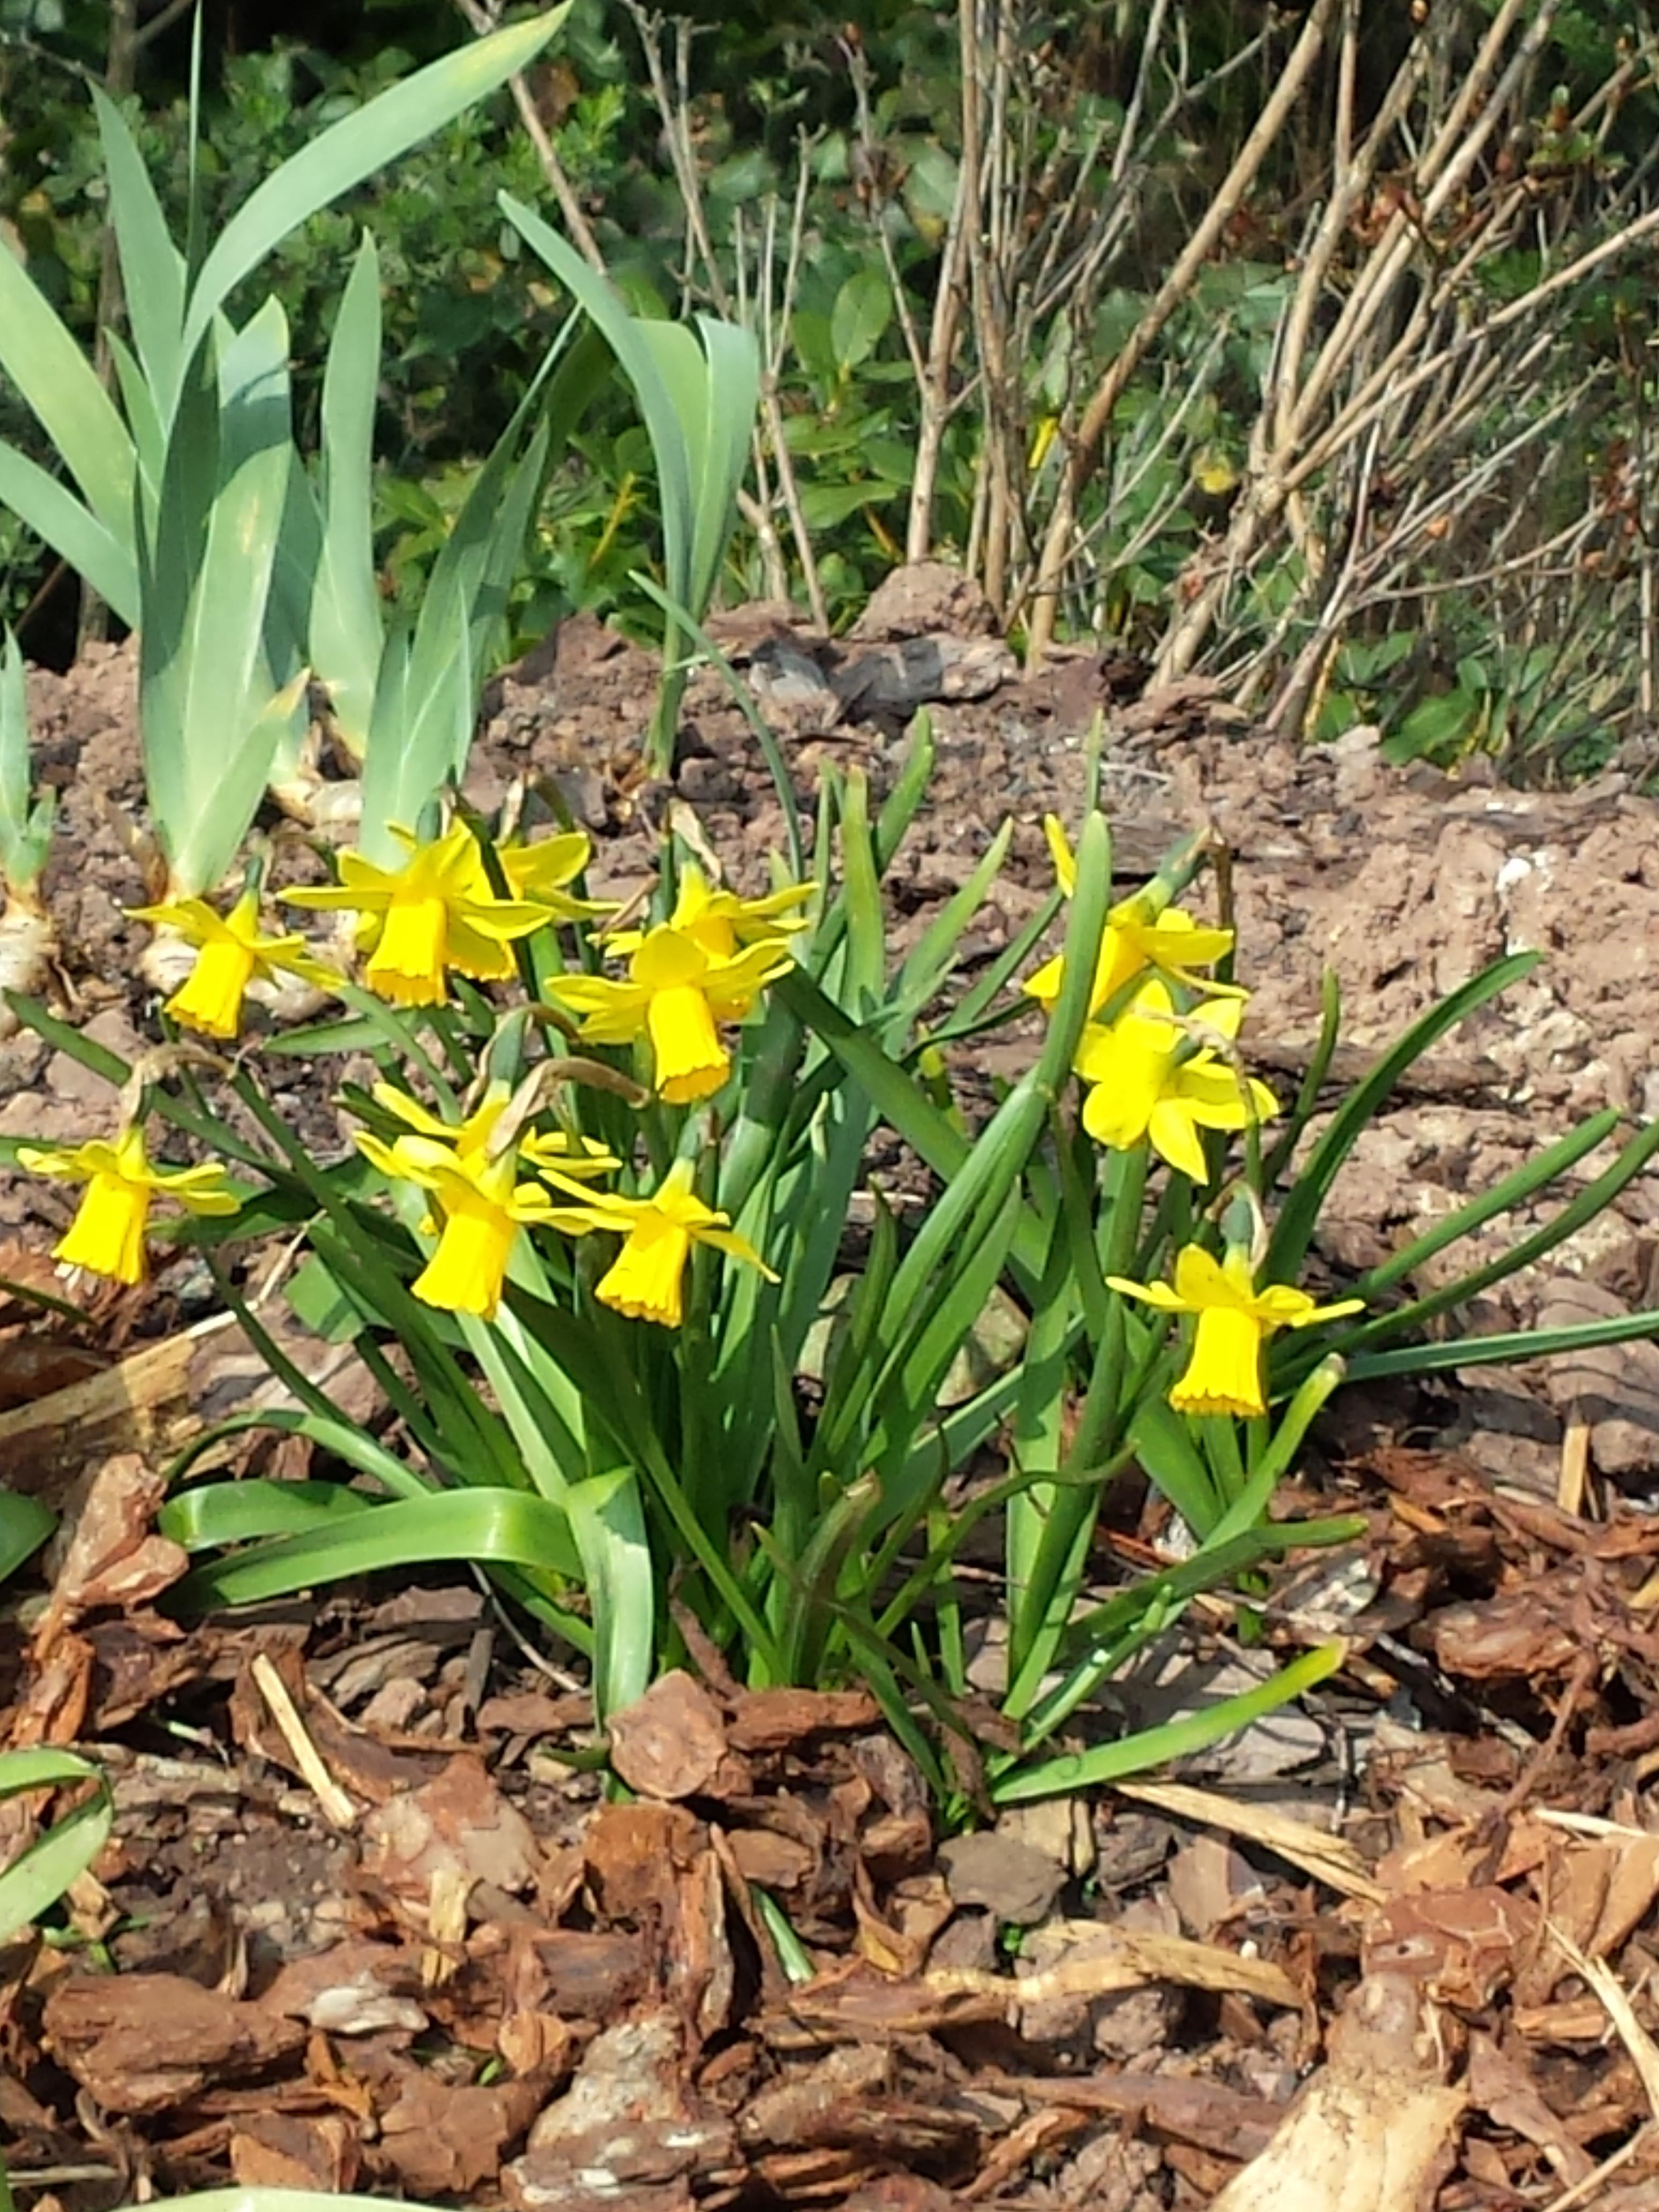 Narcissus tete-a-tete Stocker Road